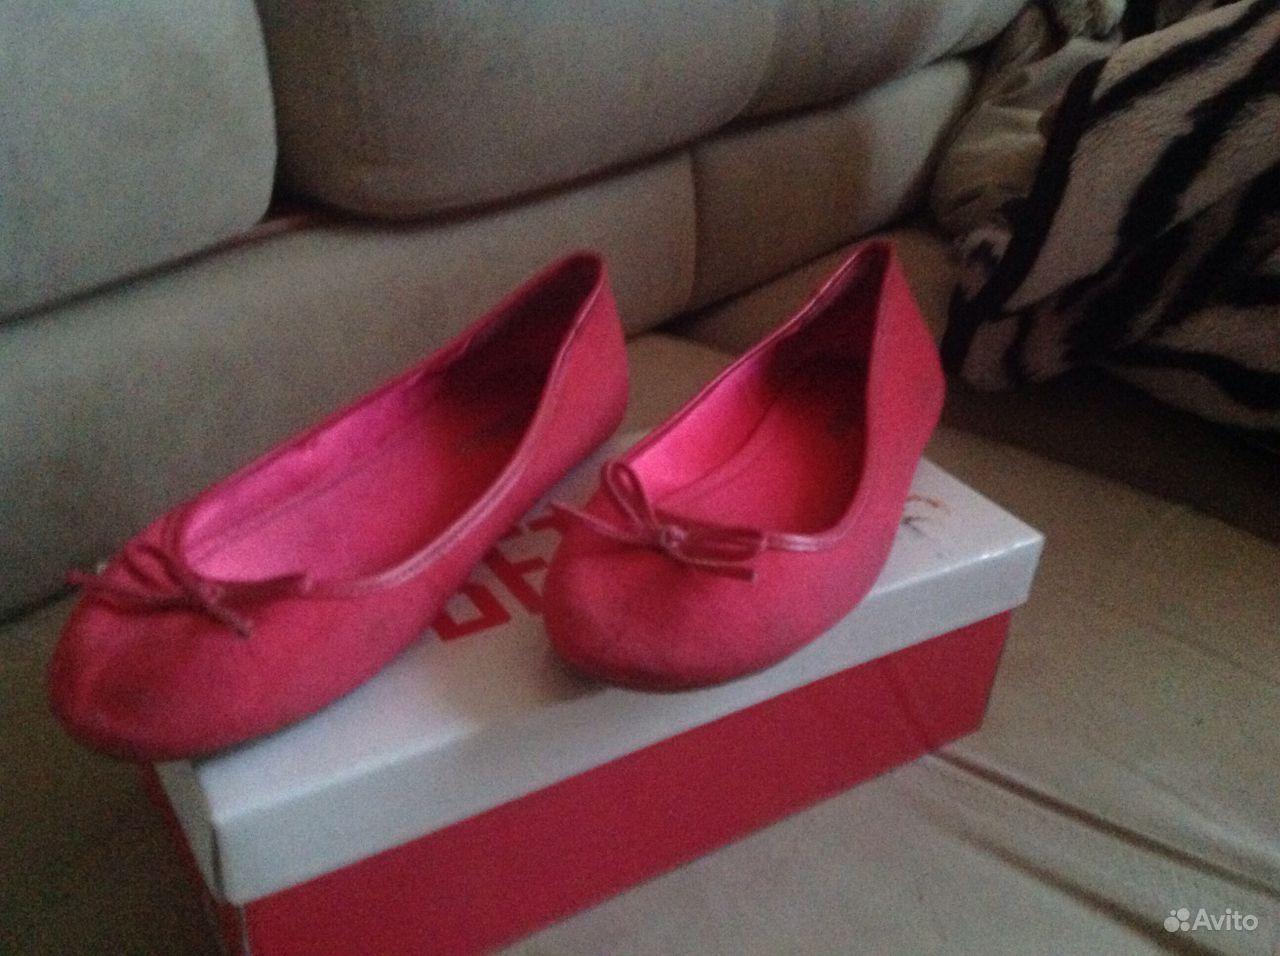 Обувь на широкую ногу (для проблемных ног): женская и